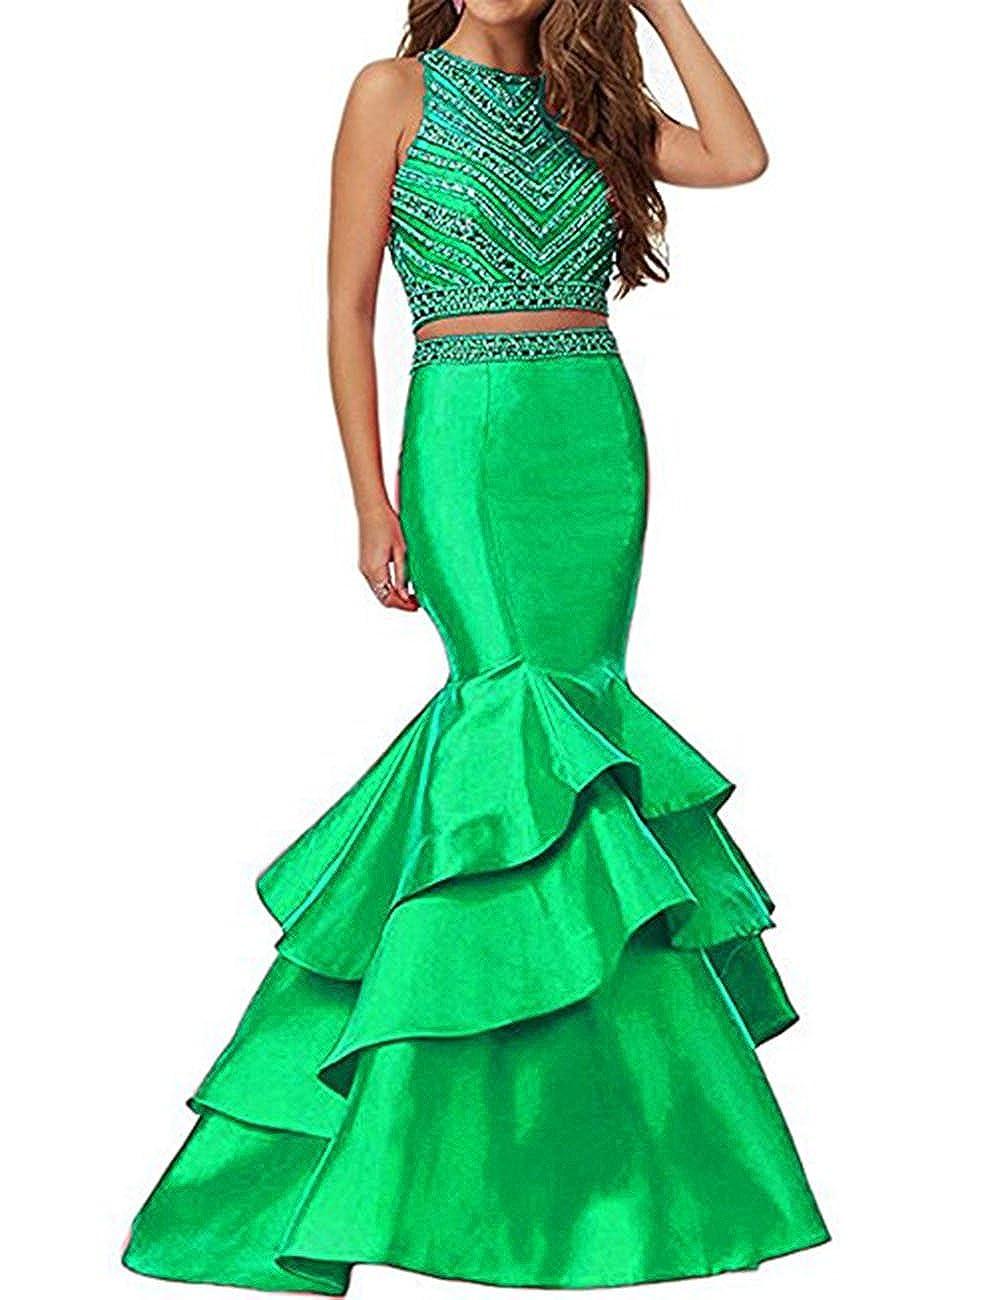 Green Beautydress Women's Two Piece Mermaid Beaded Prom Party Dresses Formal Wear